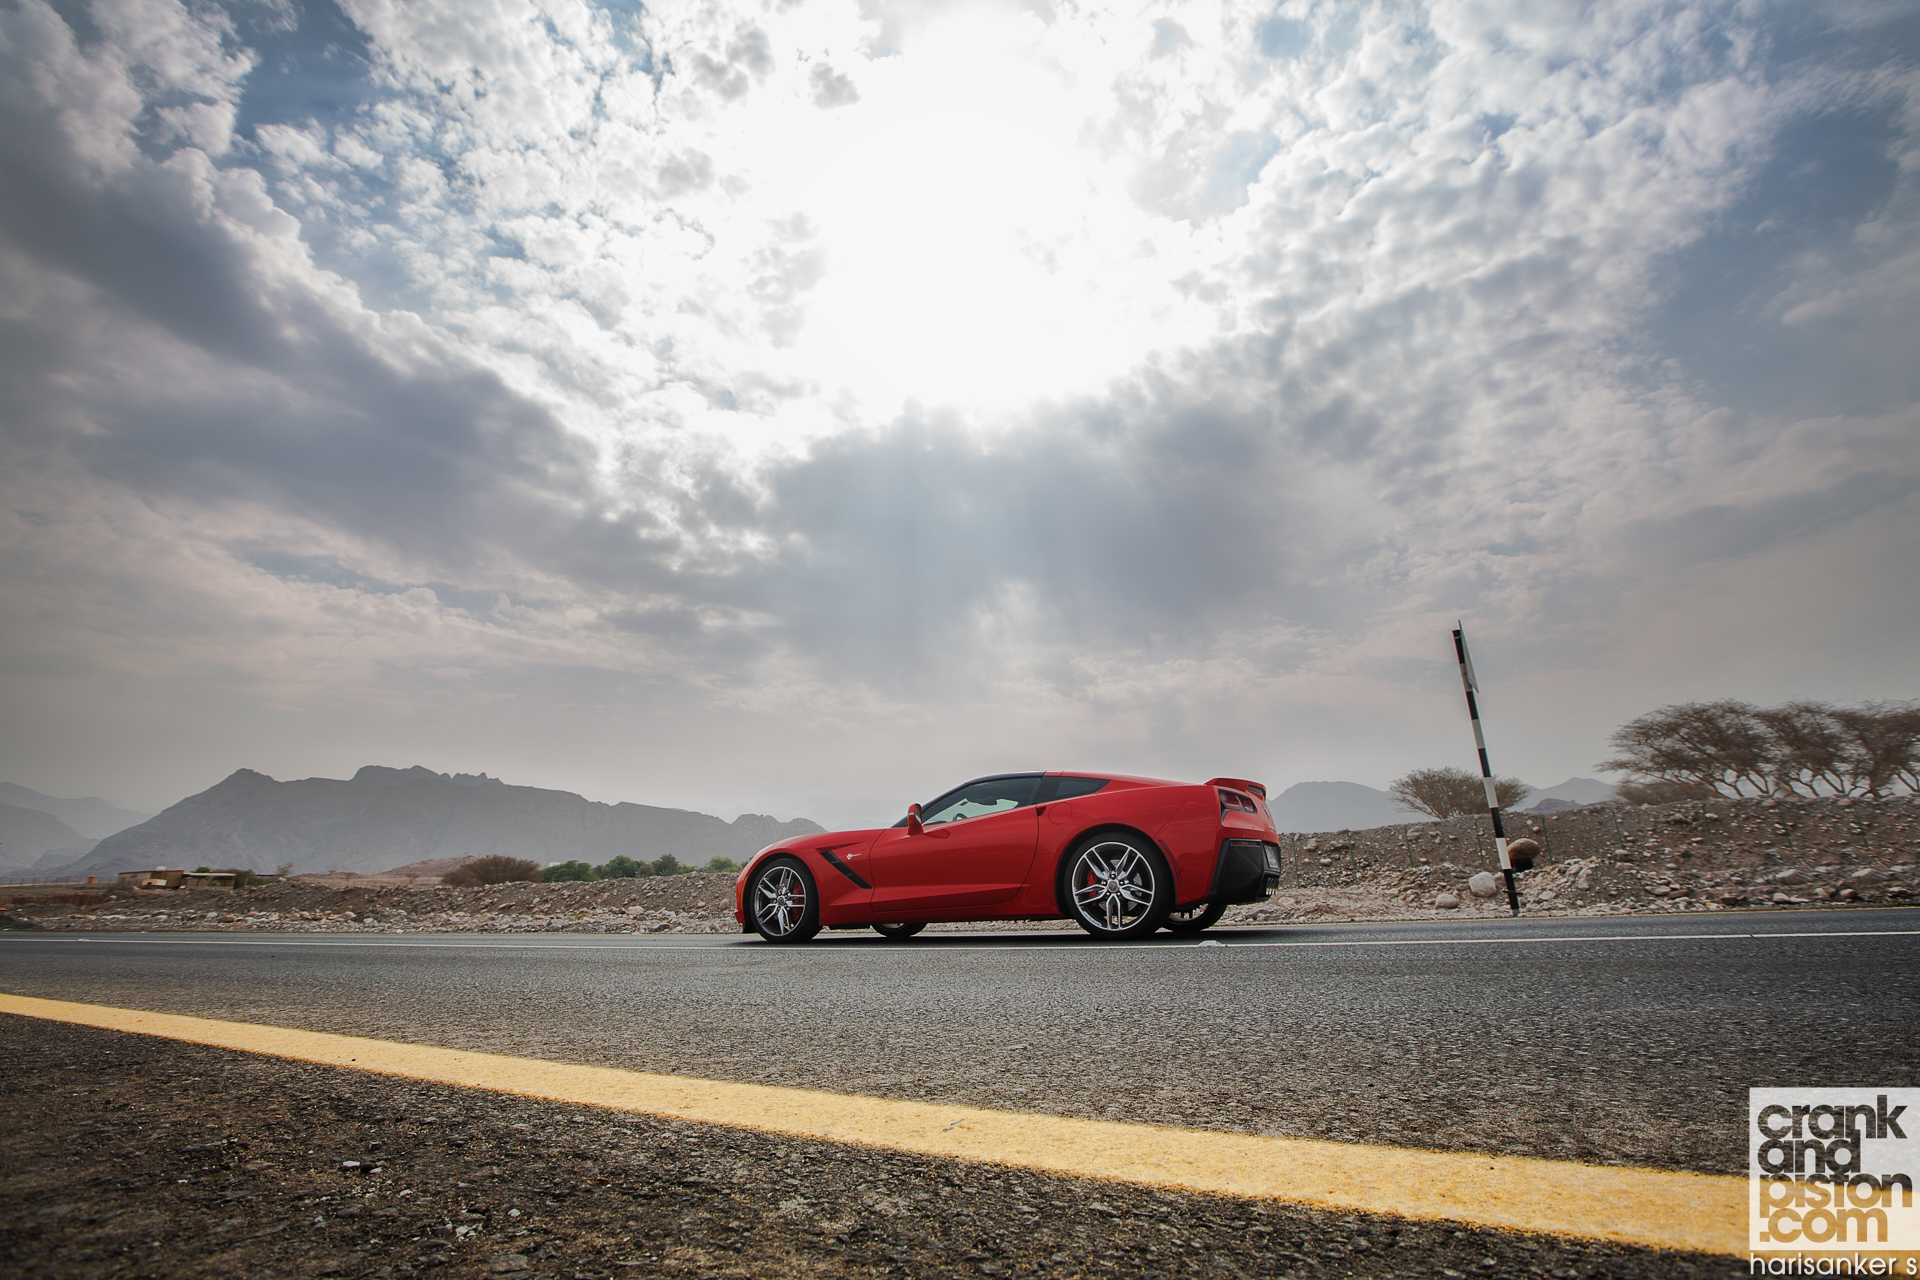 Corvette C7 Stingray Wallpaper-16